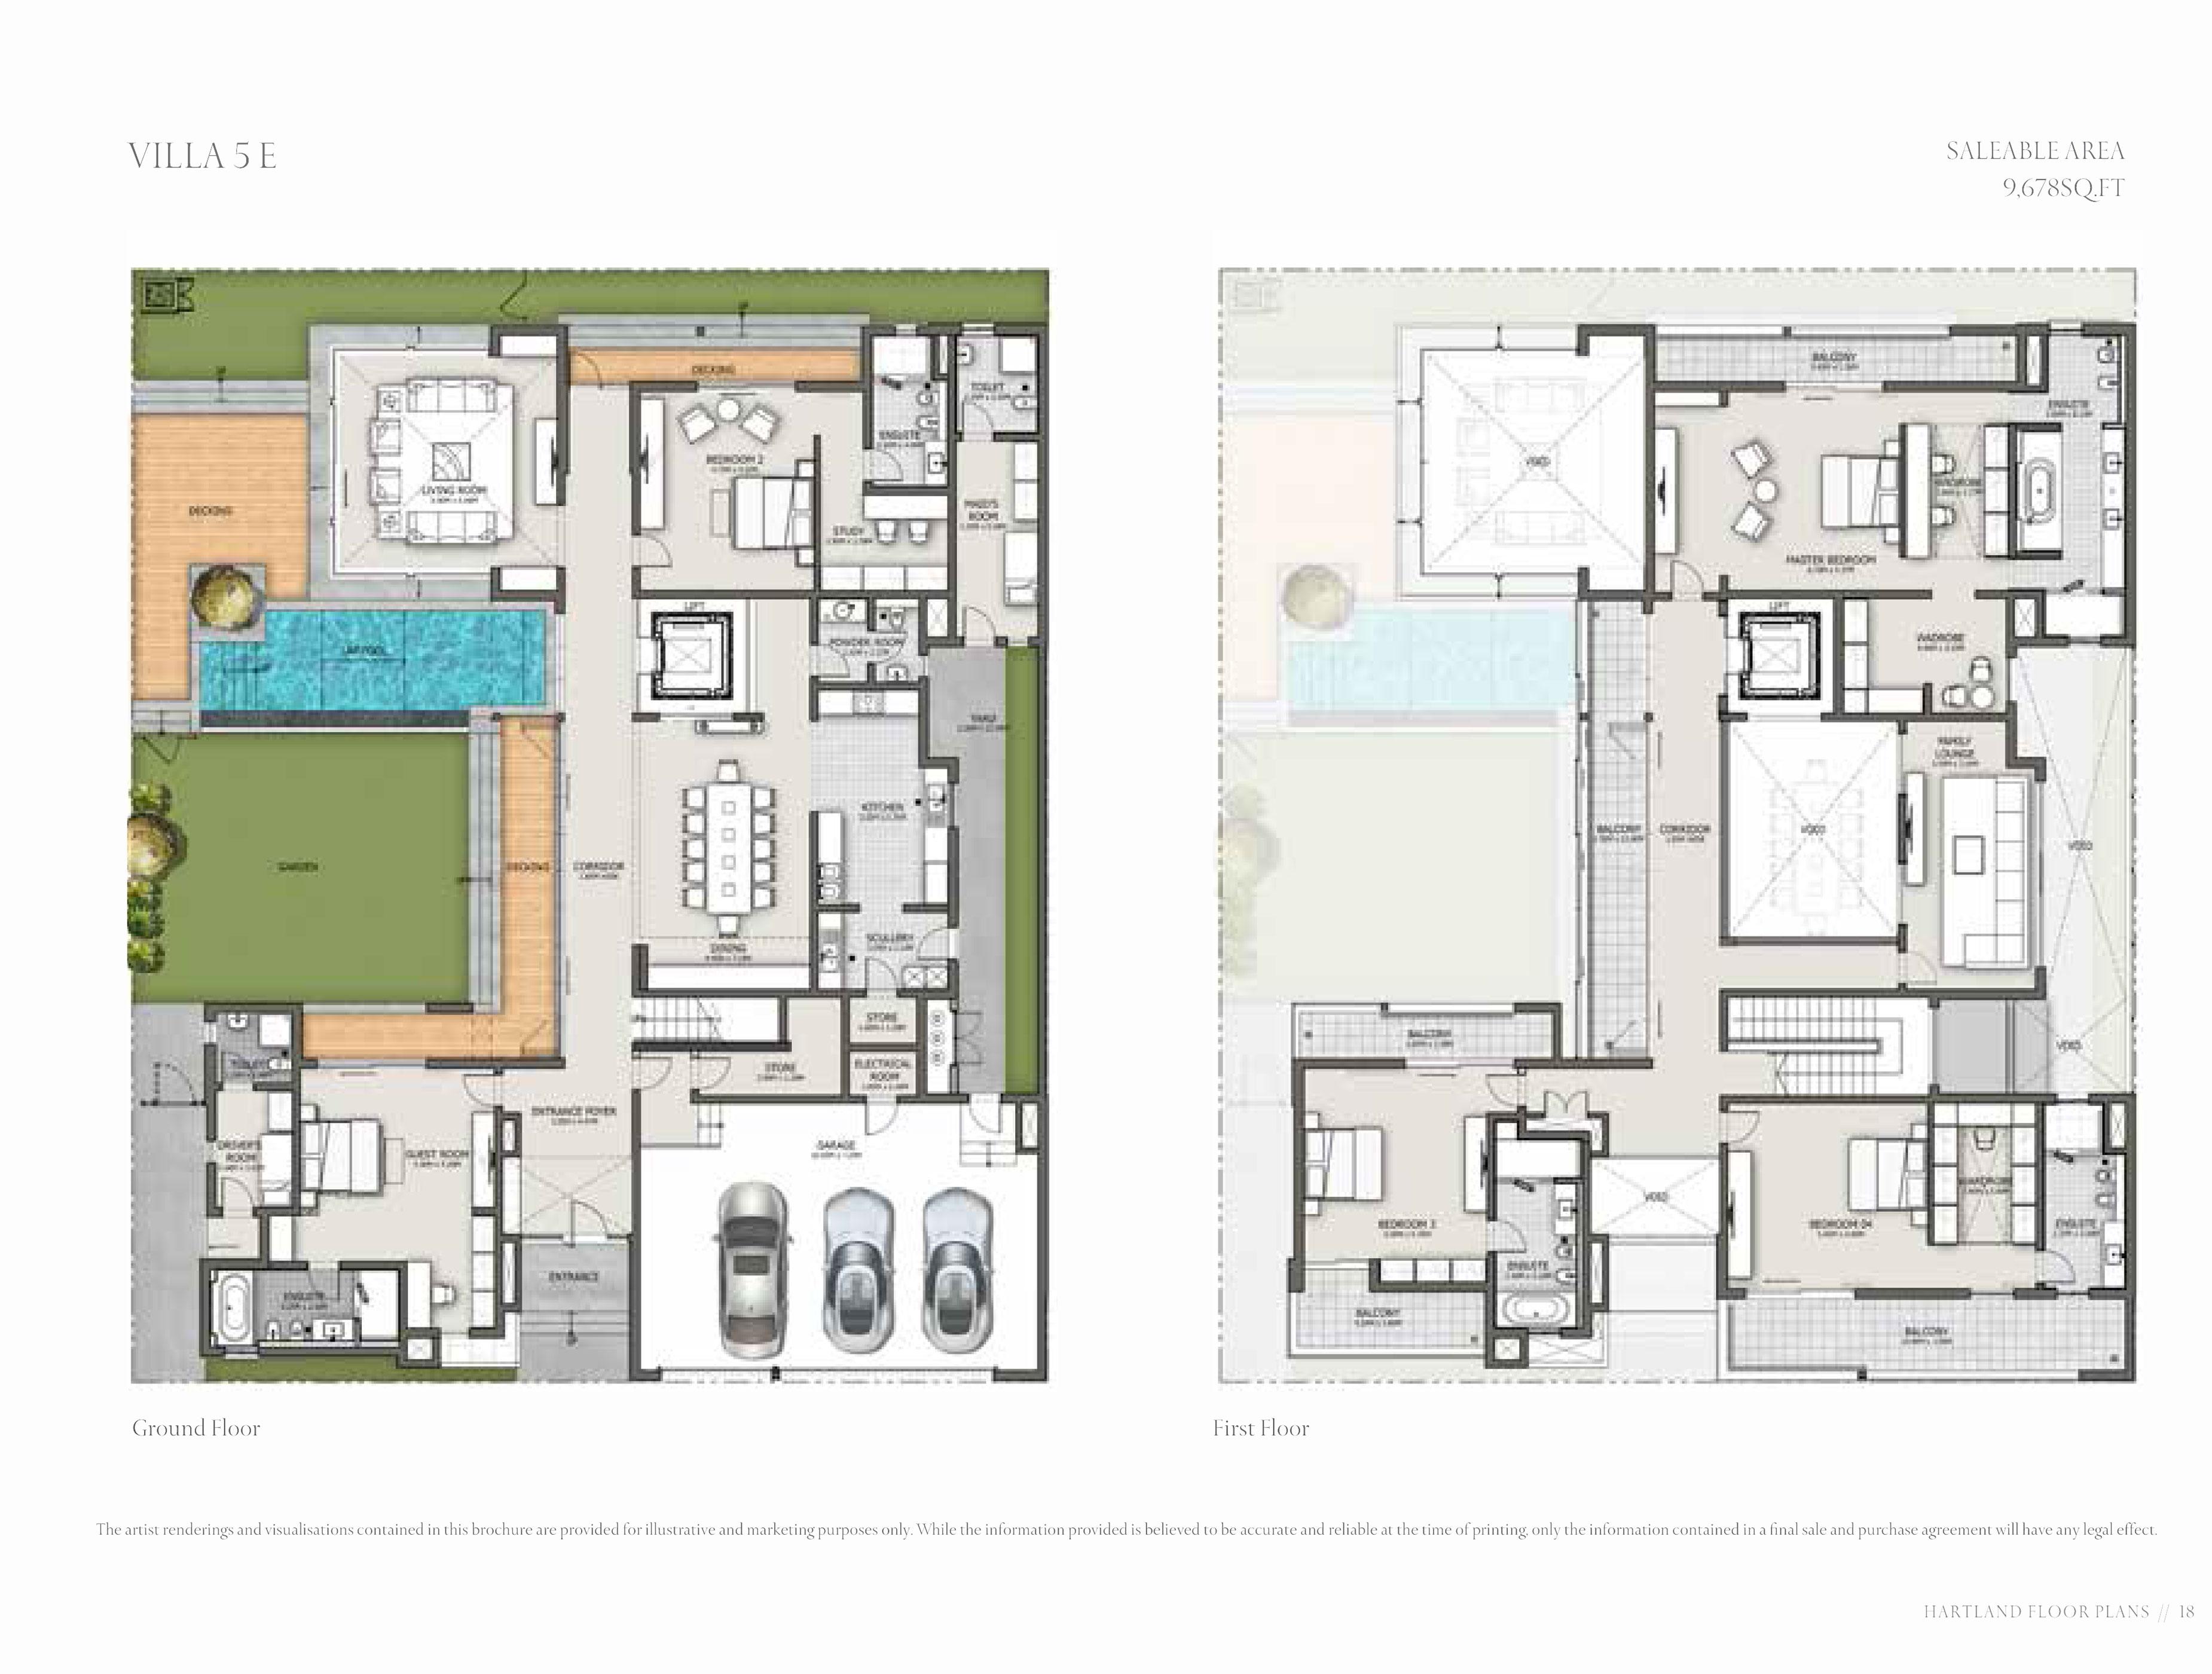 Villas-5E-Area-9678